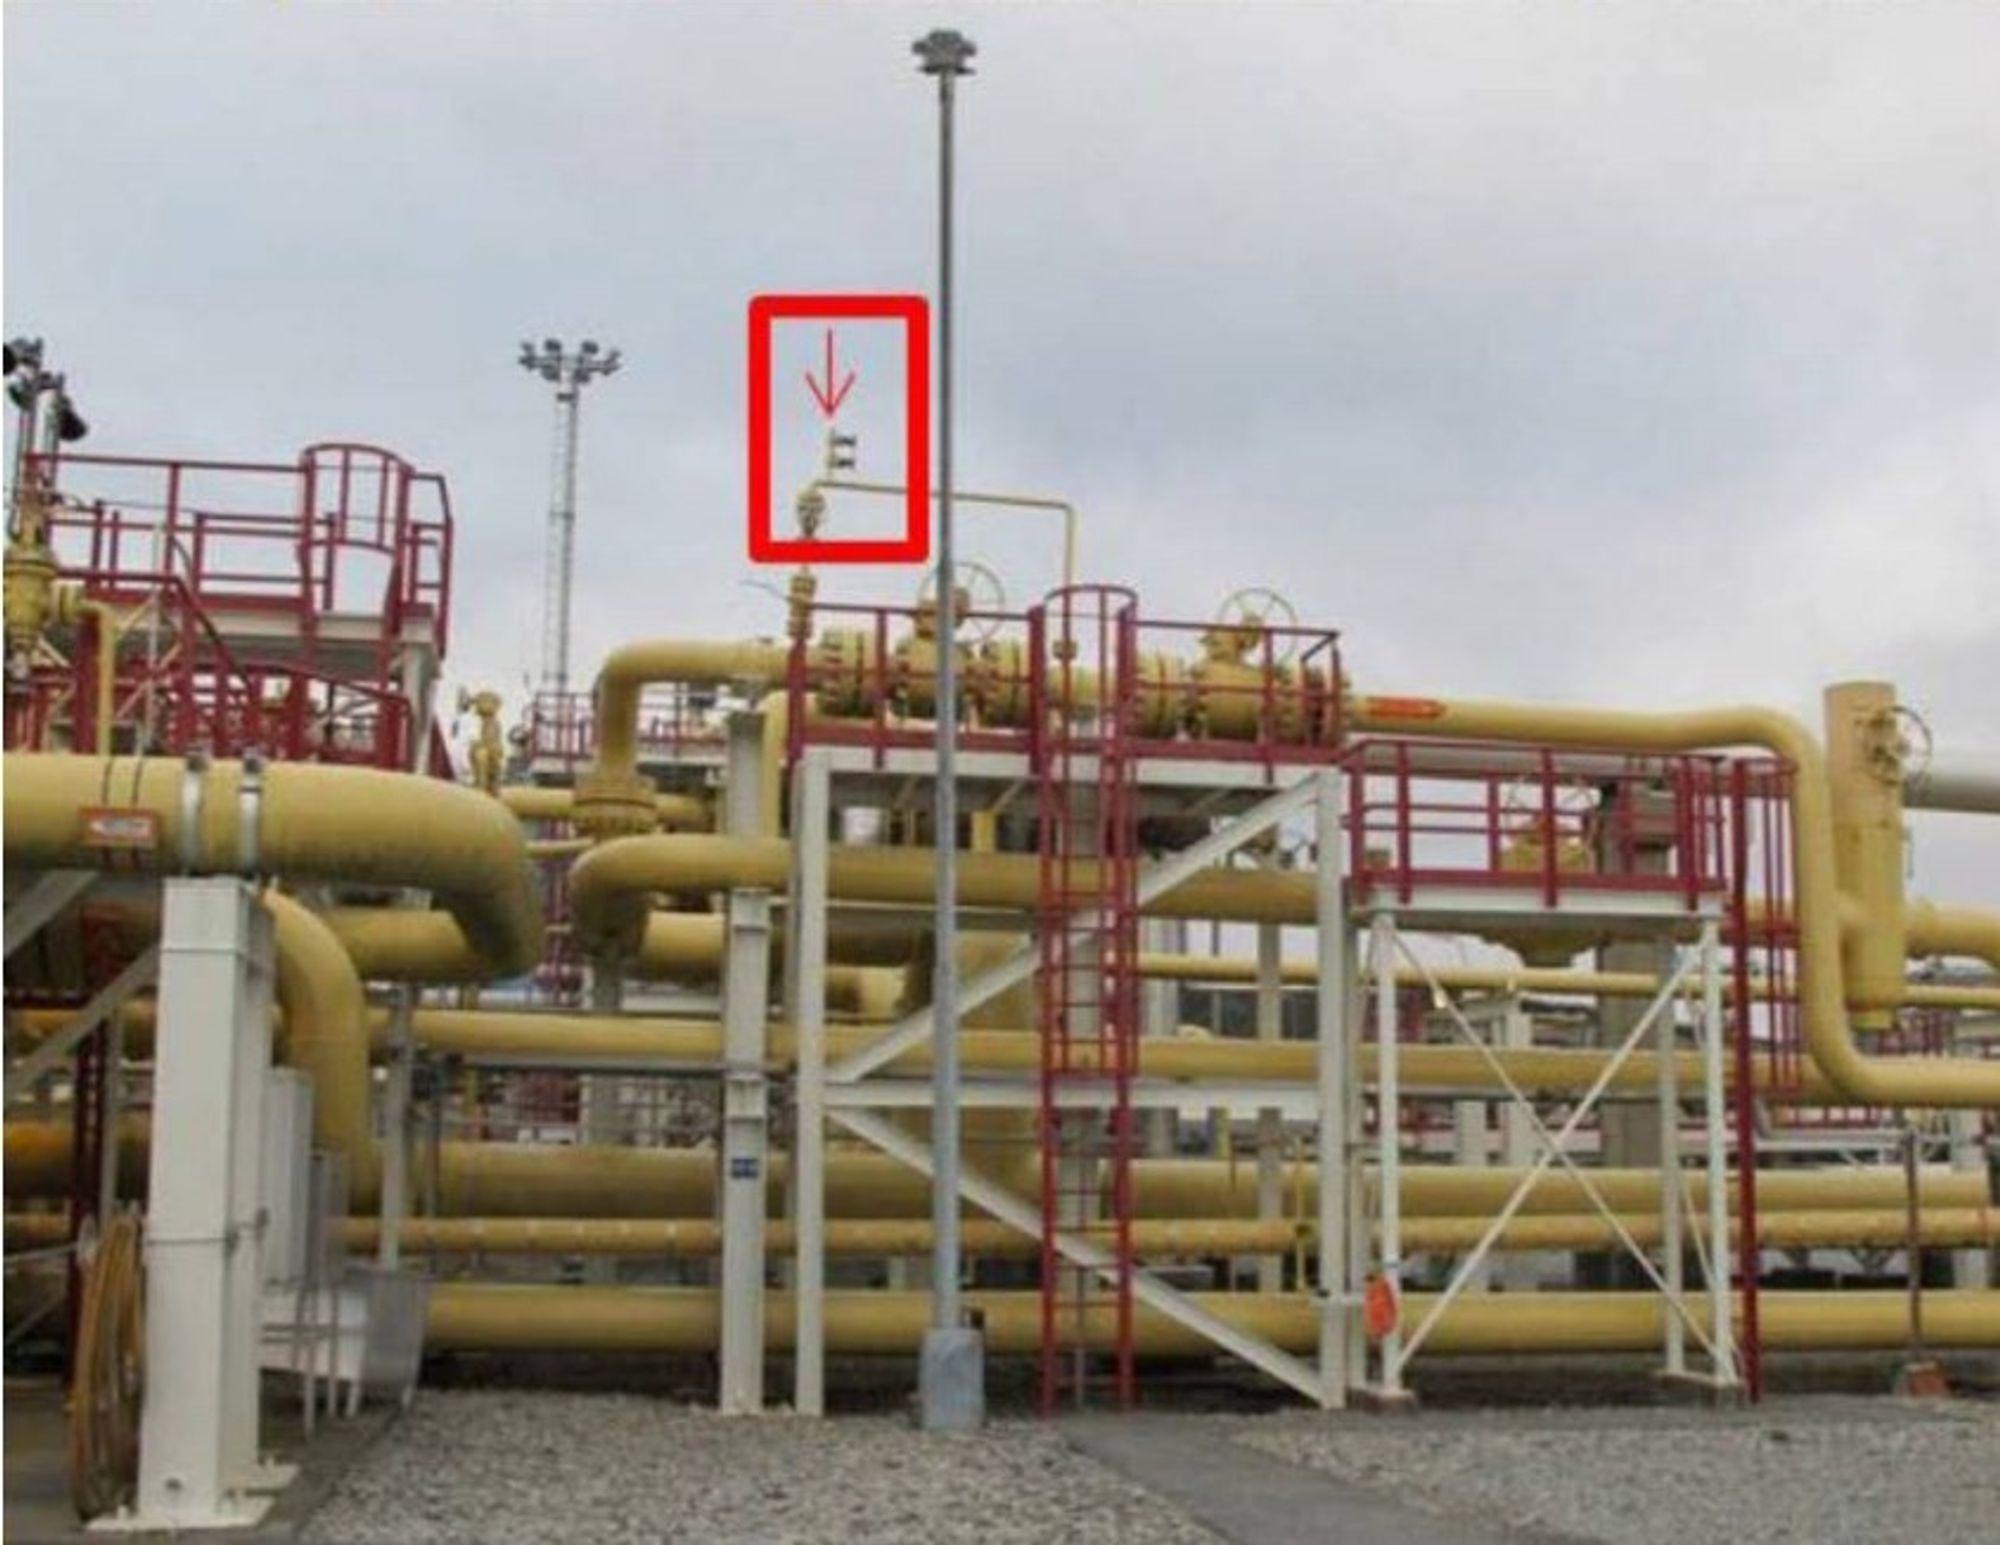 Petroleumstilsynet har funnet flere regelverksbrudd etter gasslekkasjen på Kårstø i Rogaland i januar. Lekkasjen varte i hele 9,5 timer, og 22 tonn gass lakk ut.